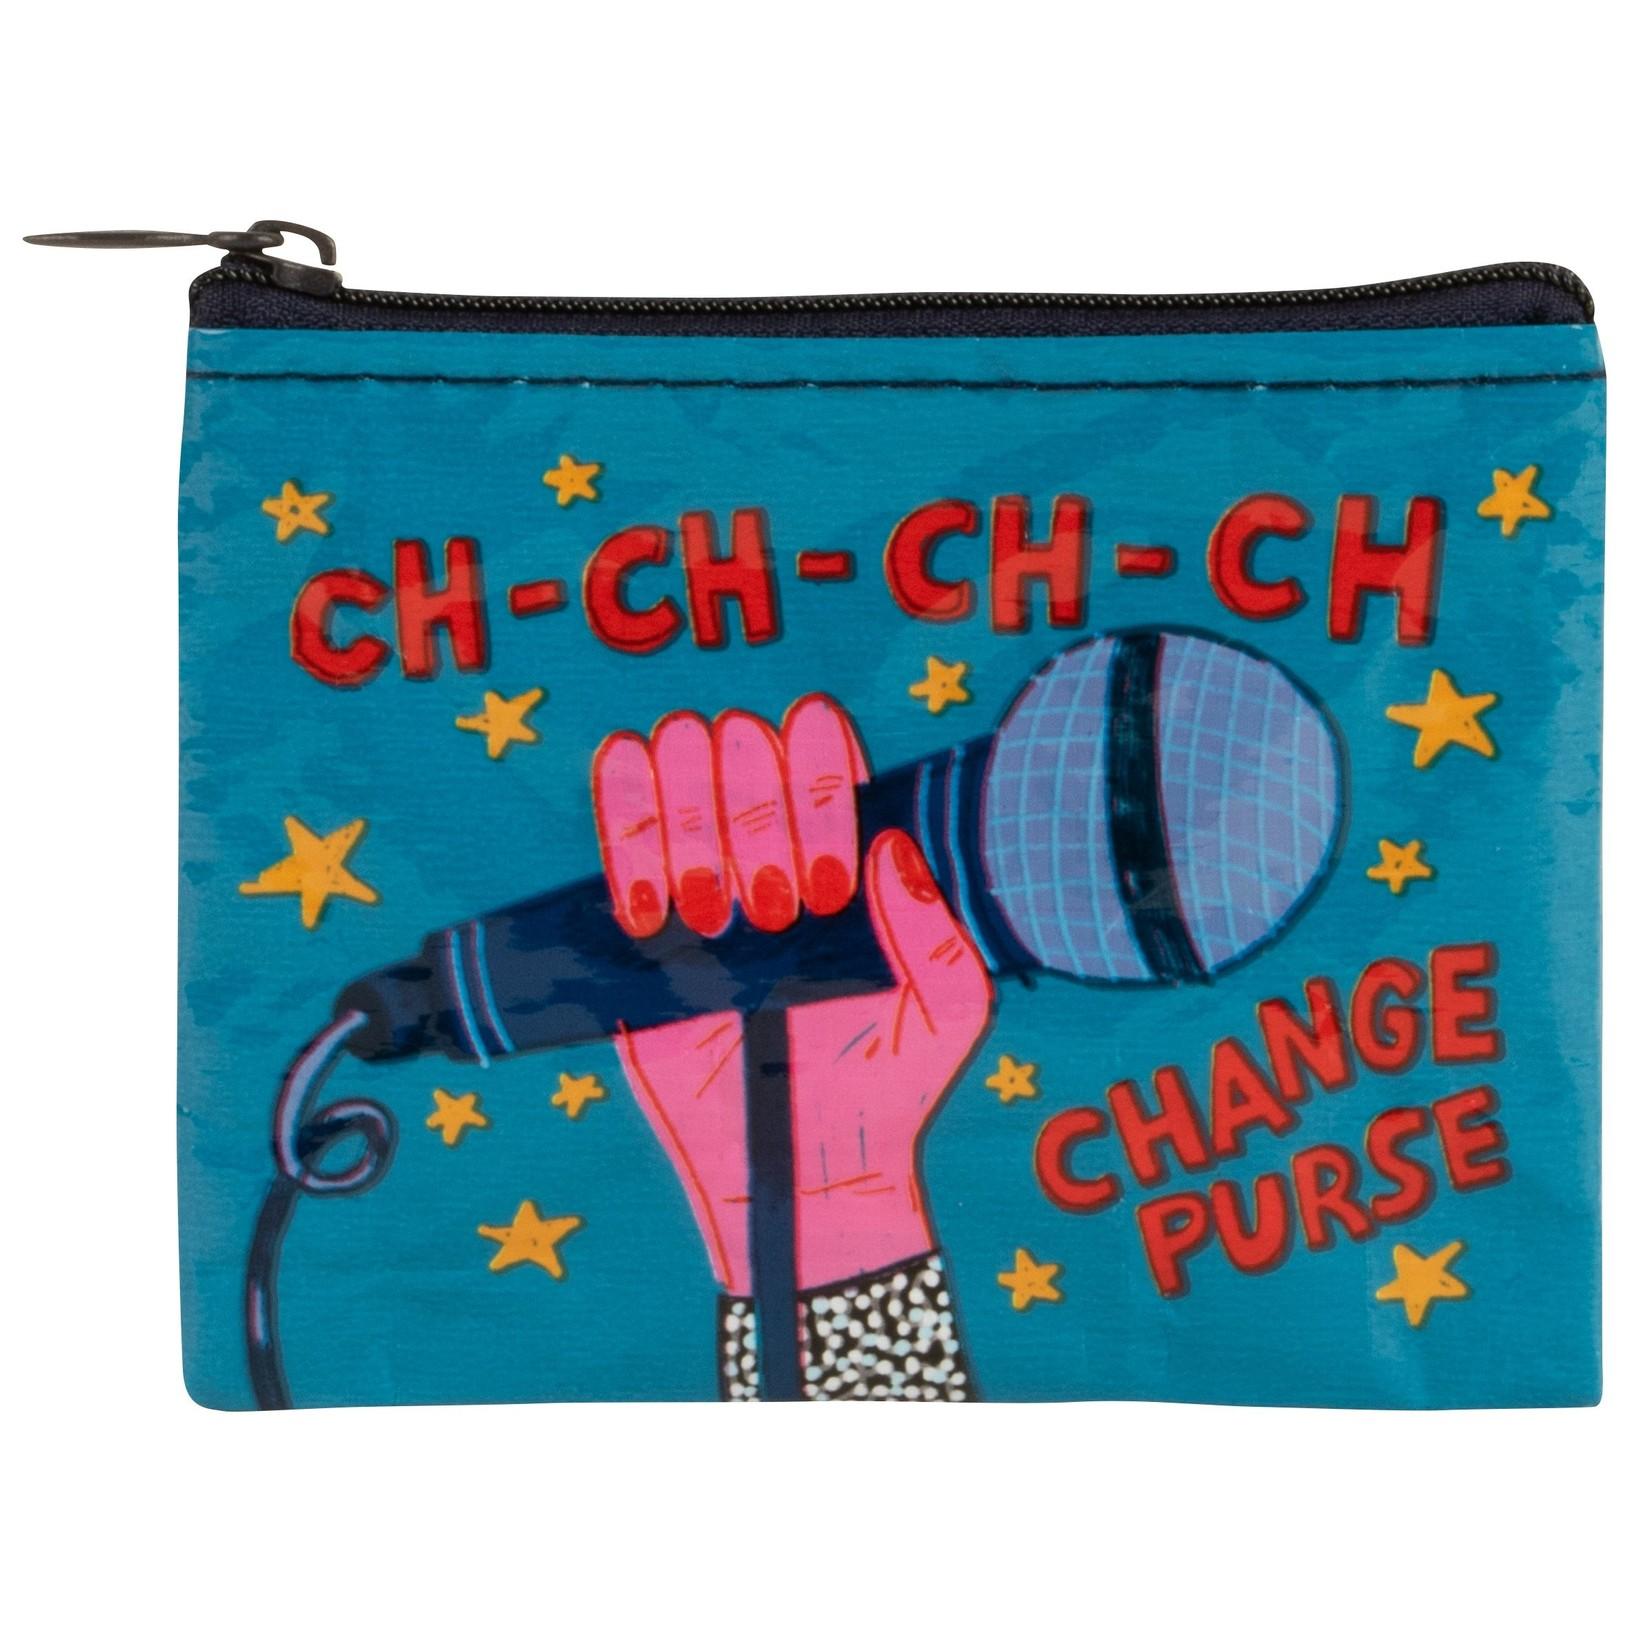 Blue Q Ch-Ch-Ch-CH-Change Purse Coin Purse